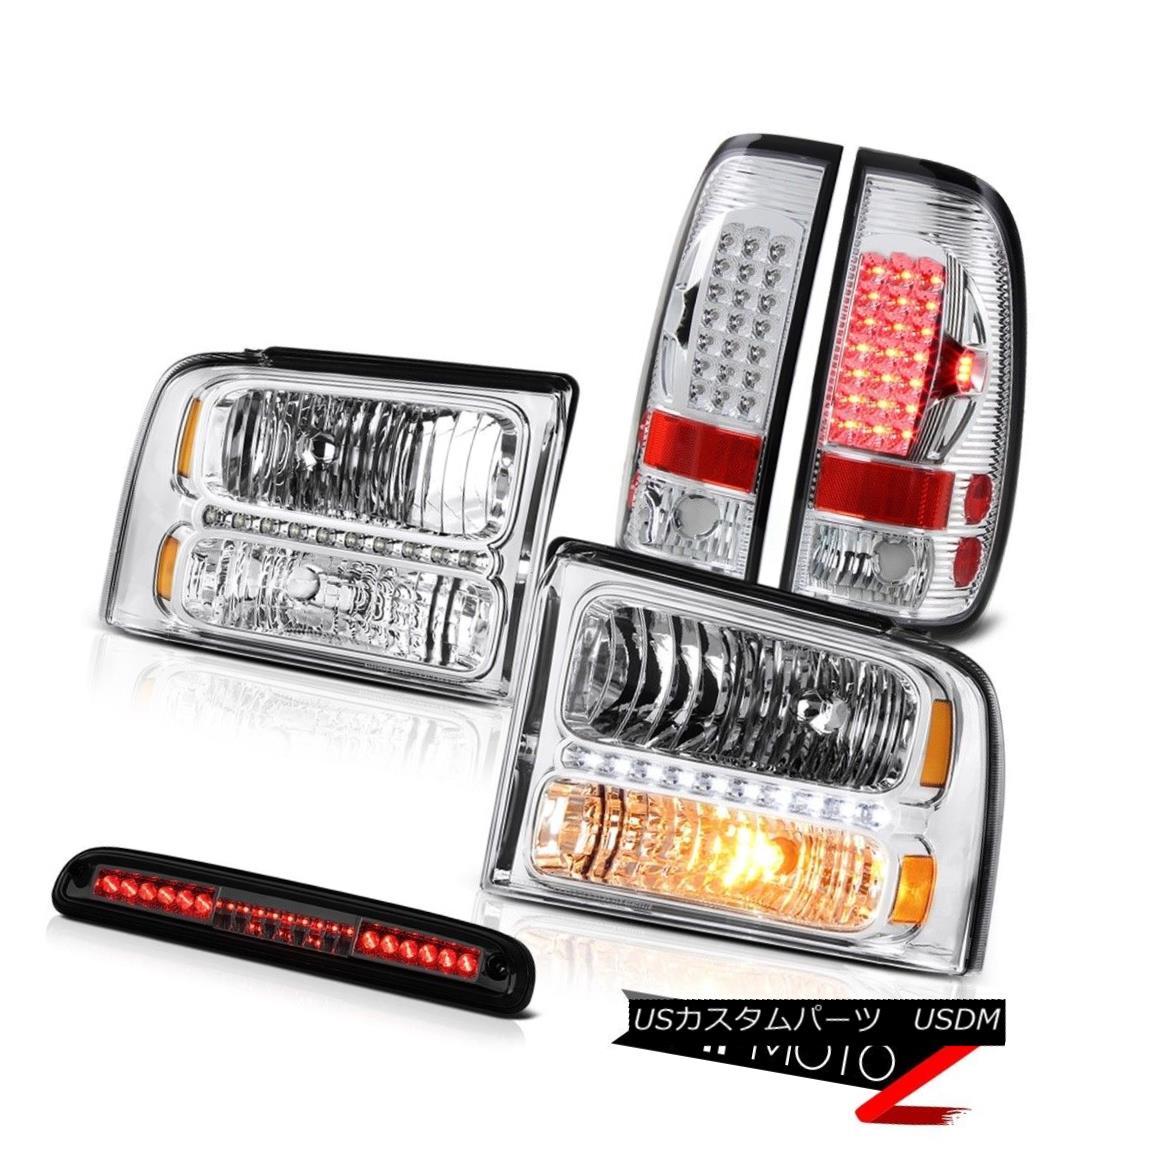 ヘッドライト Crystal Headlight LH RH Brake Taillights High Stop LED Smoke 2005-2007 F250 6.8L クリスタルヘッドライトLH RHブレーキテールライトハイストップLEDスモーク2005-2007 F250 6.8L